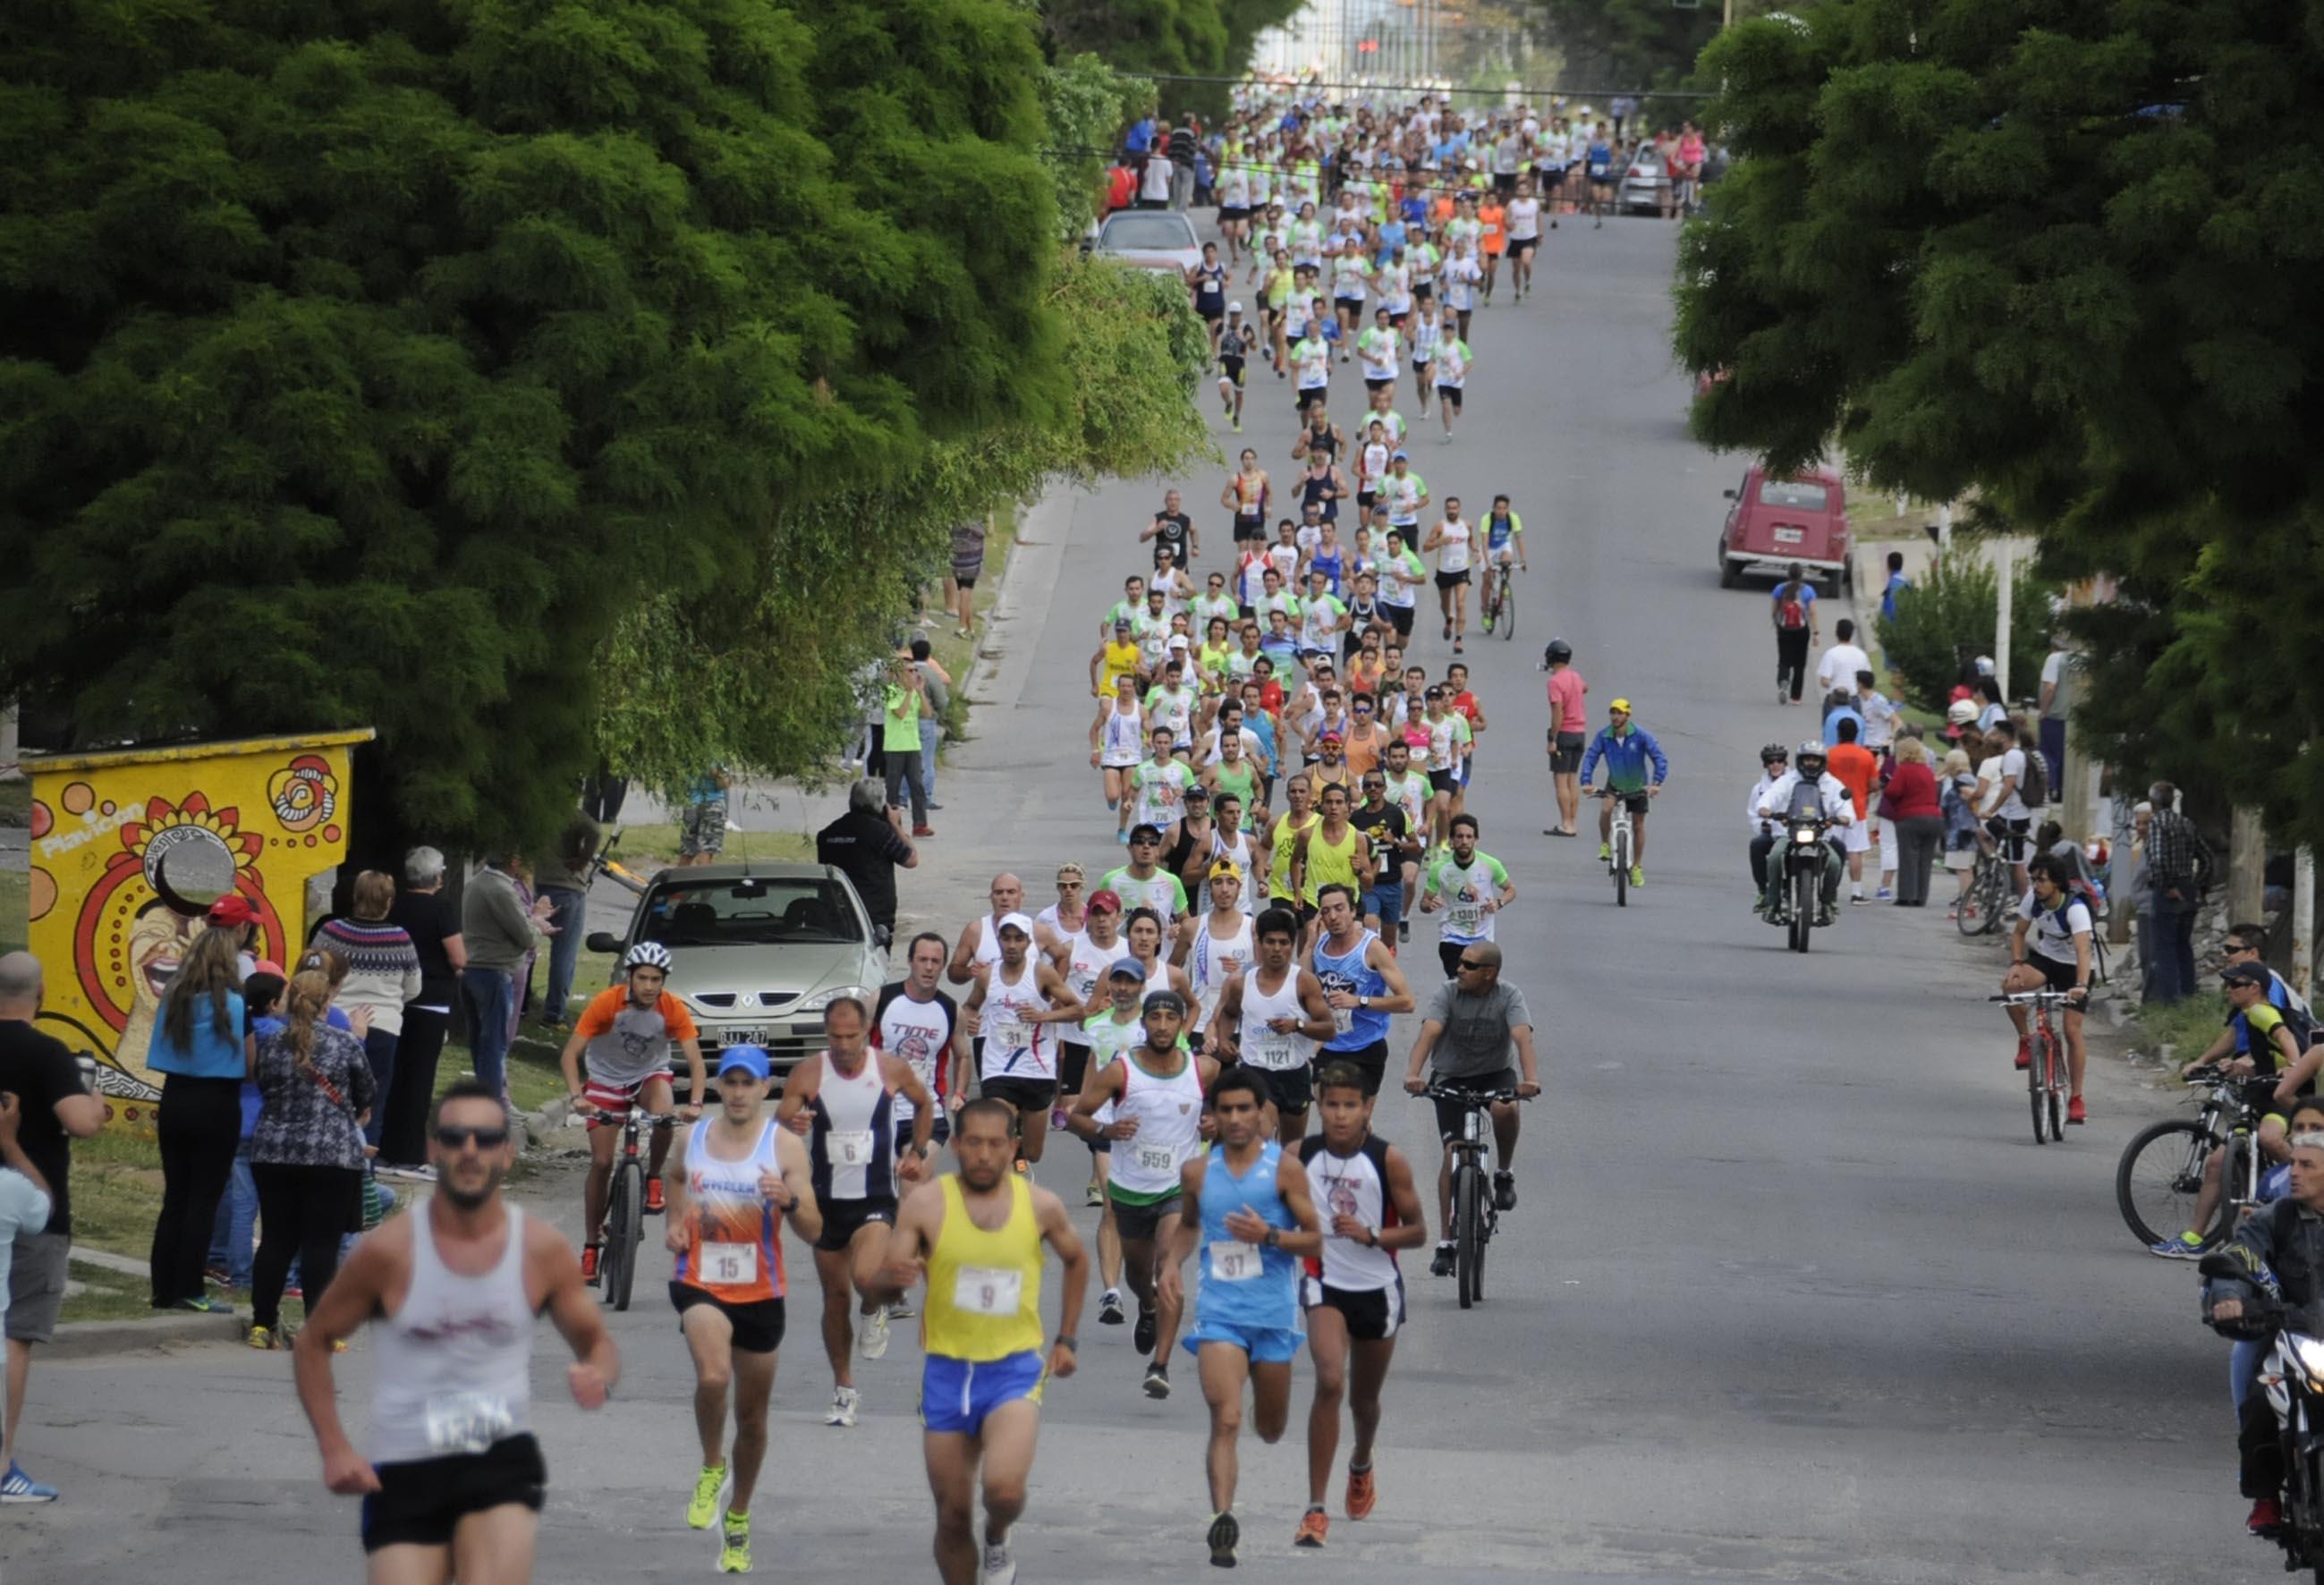 El pelotón en Avenida Lunghi. Foto: Diario El Eco.